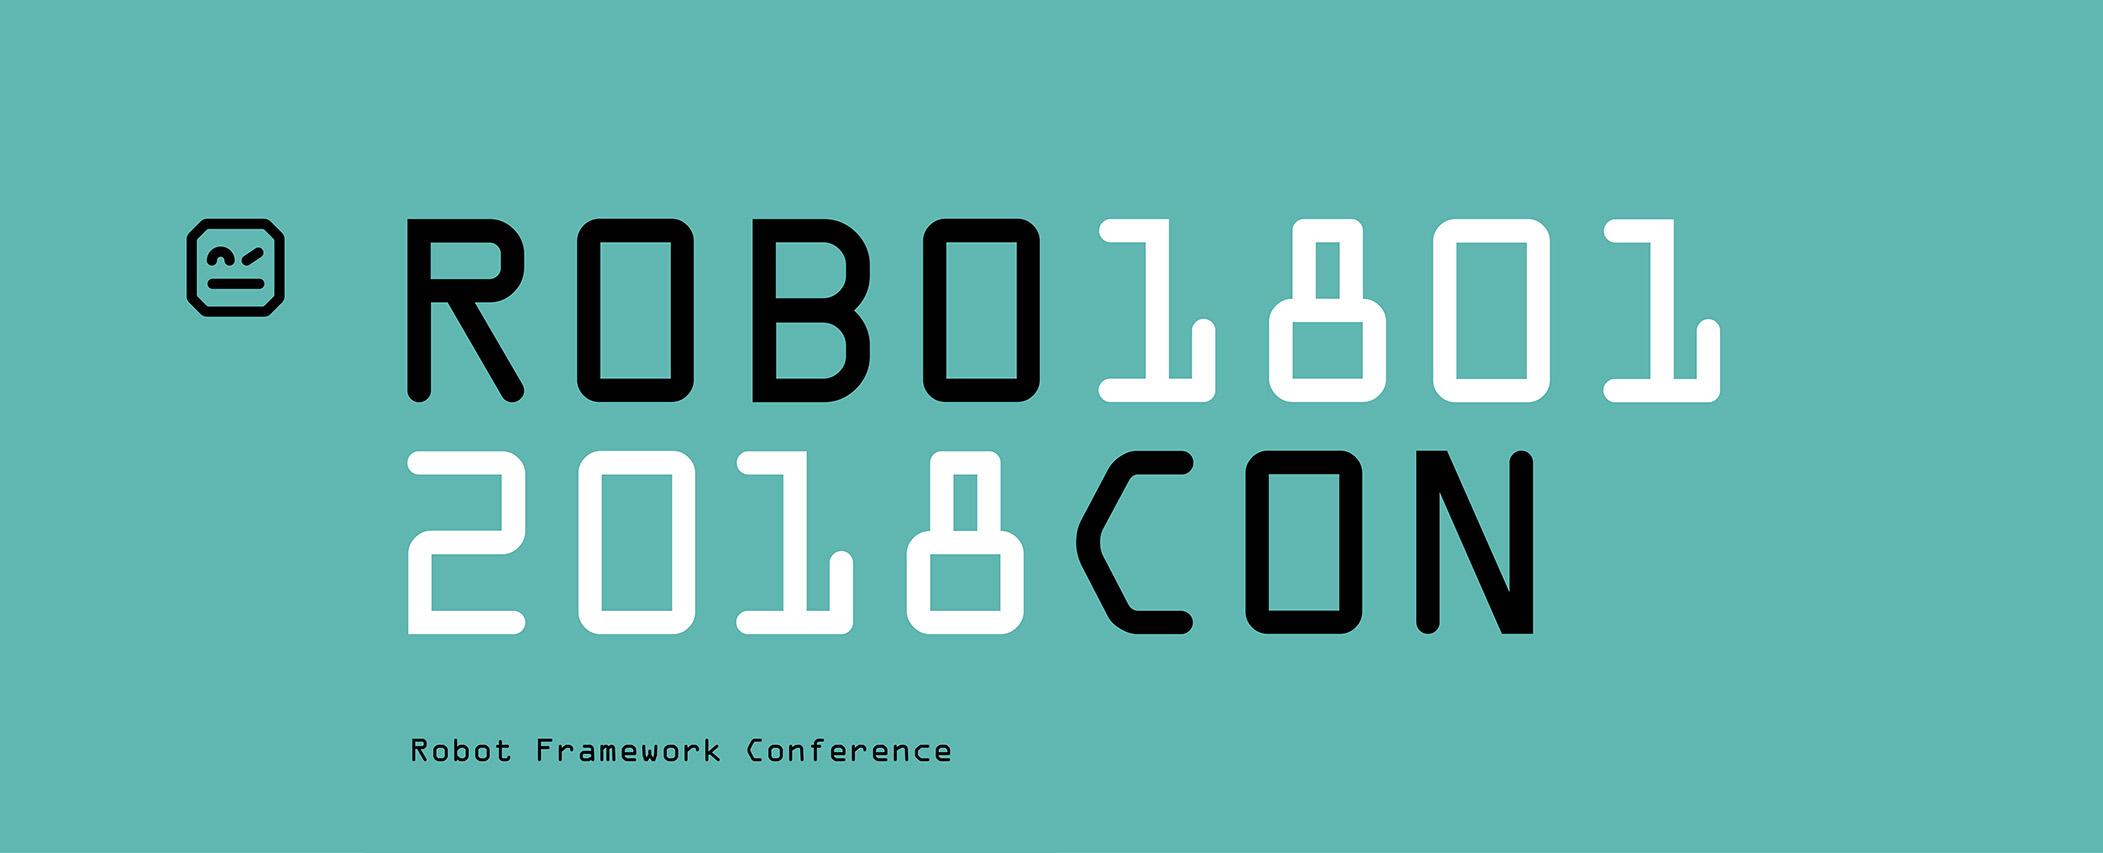 RoboCon 2018: отчёт о первой конференции по Robot Framework